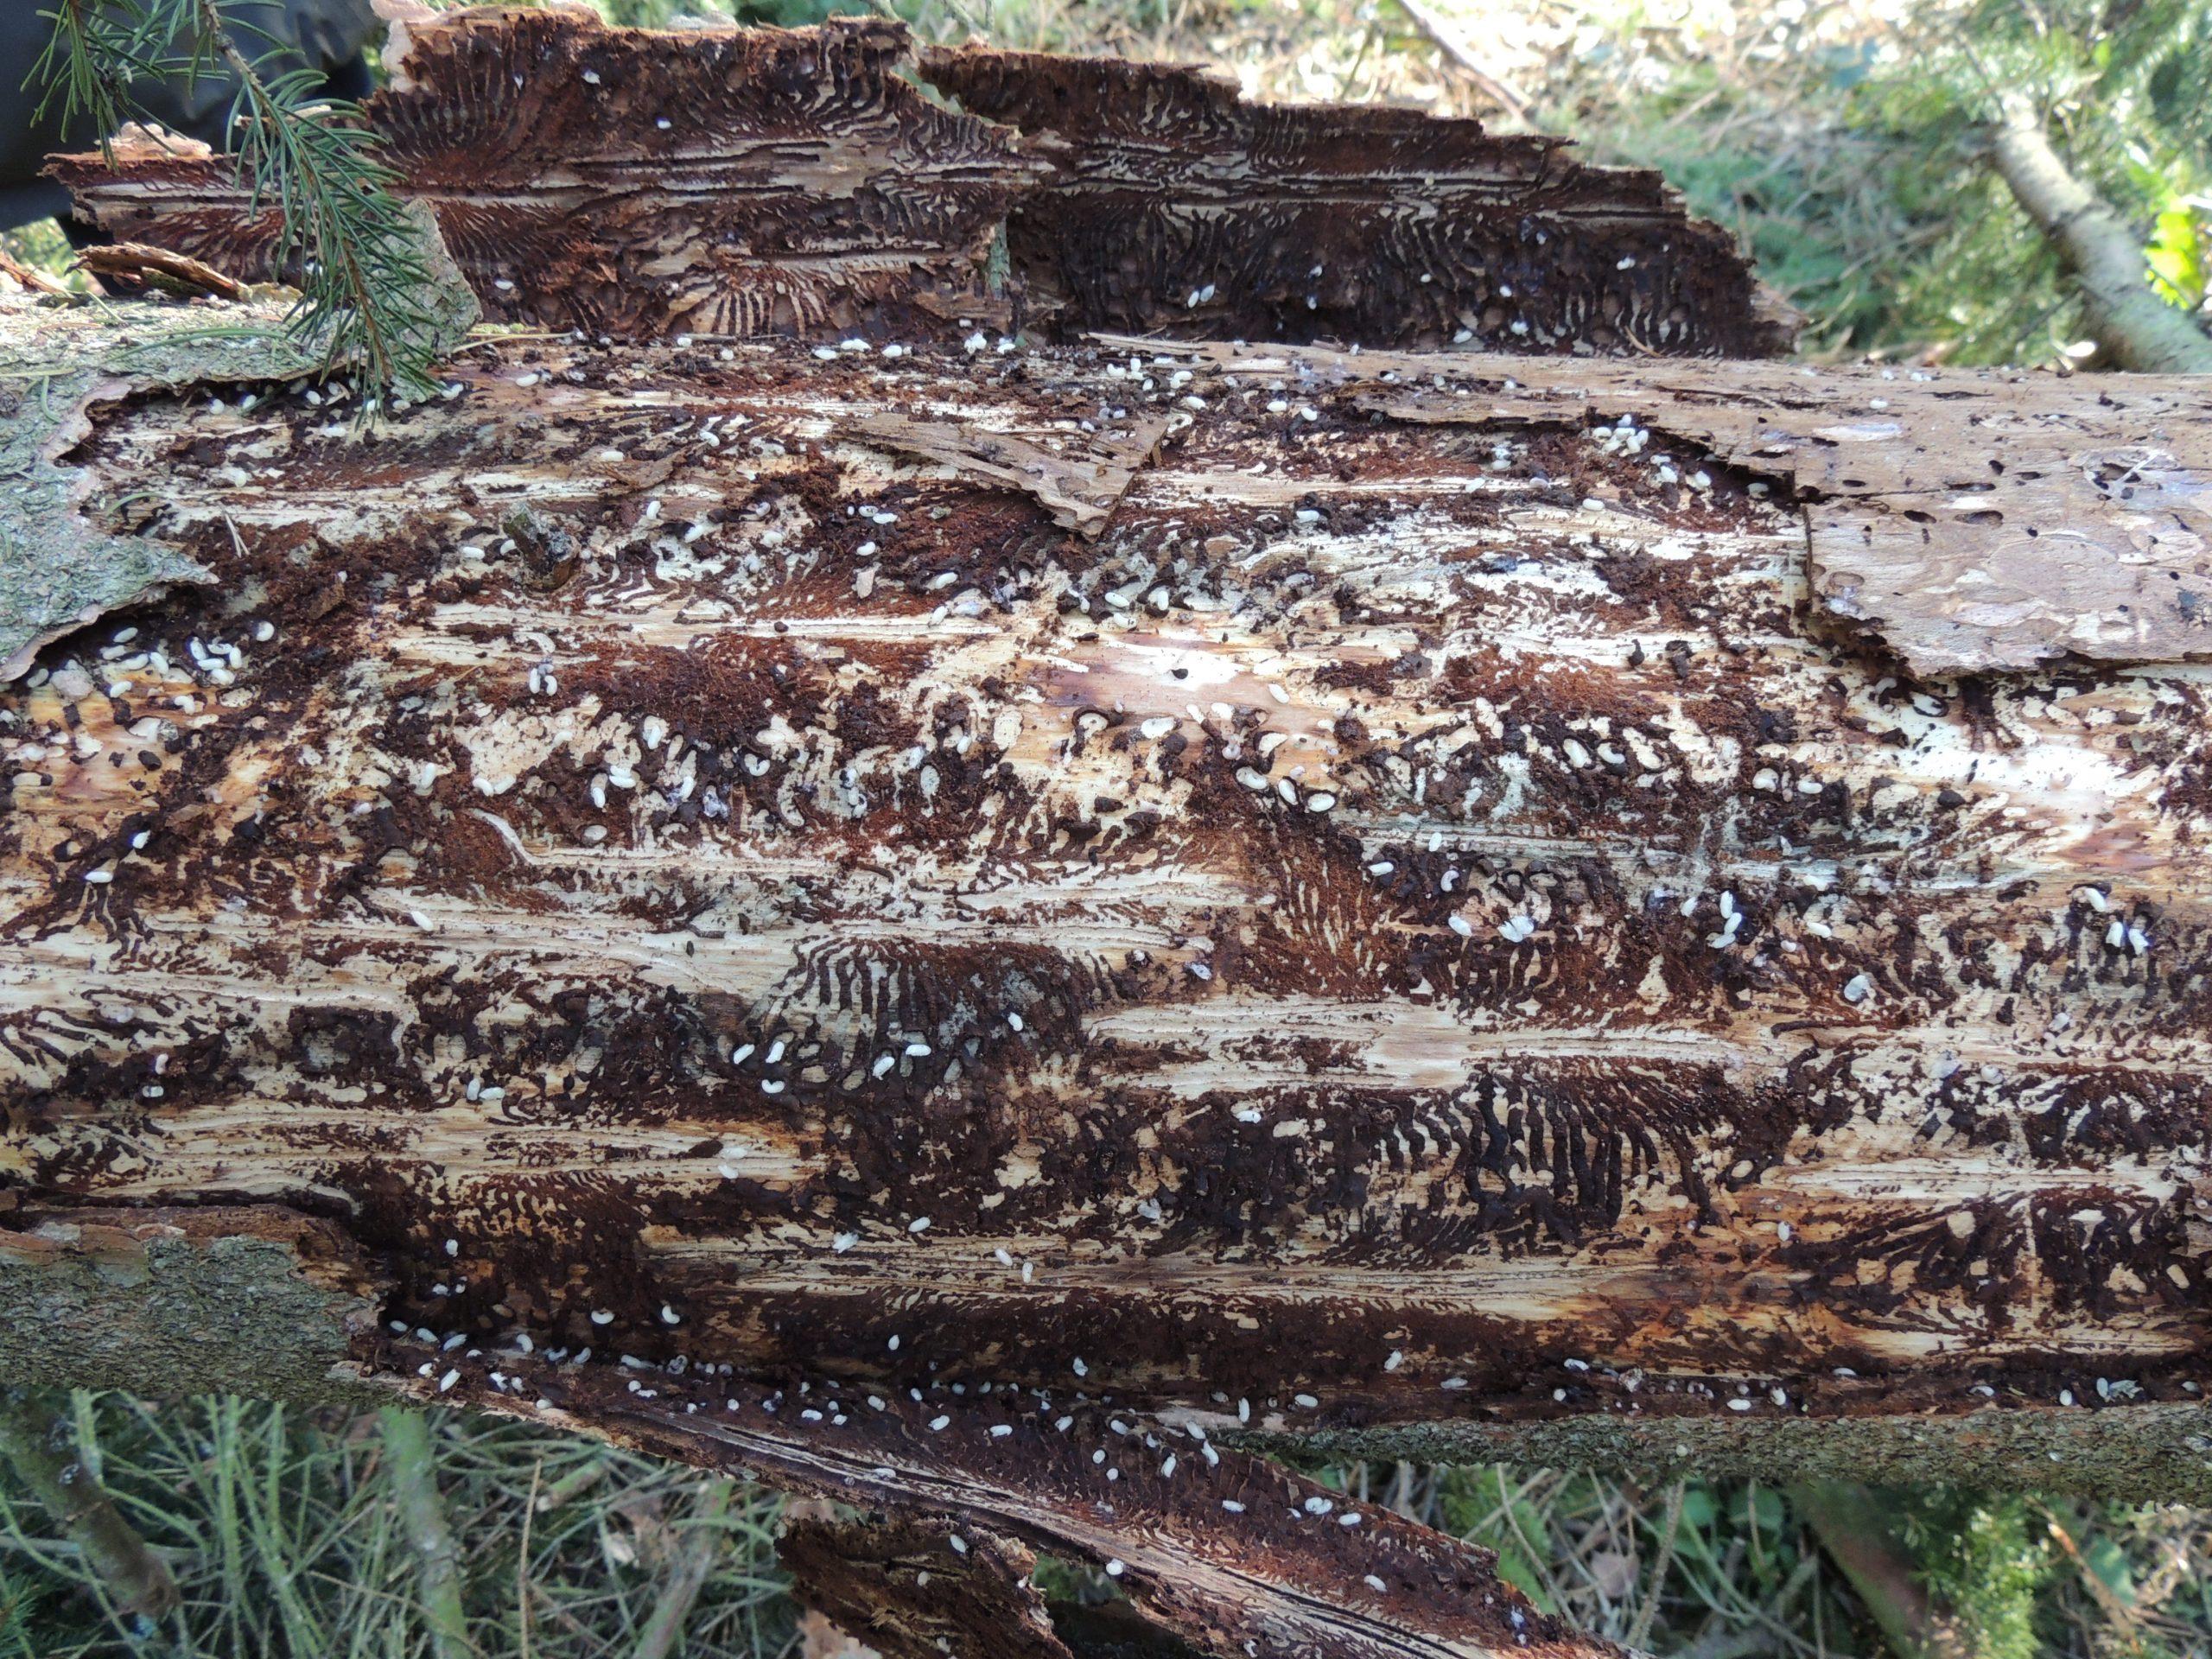 Rinde fällt von einem Baumstamm ab